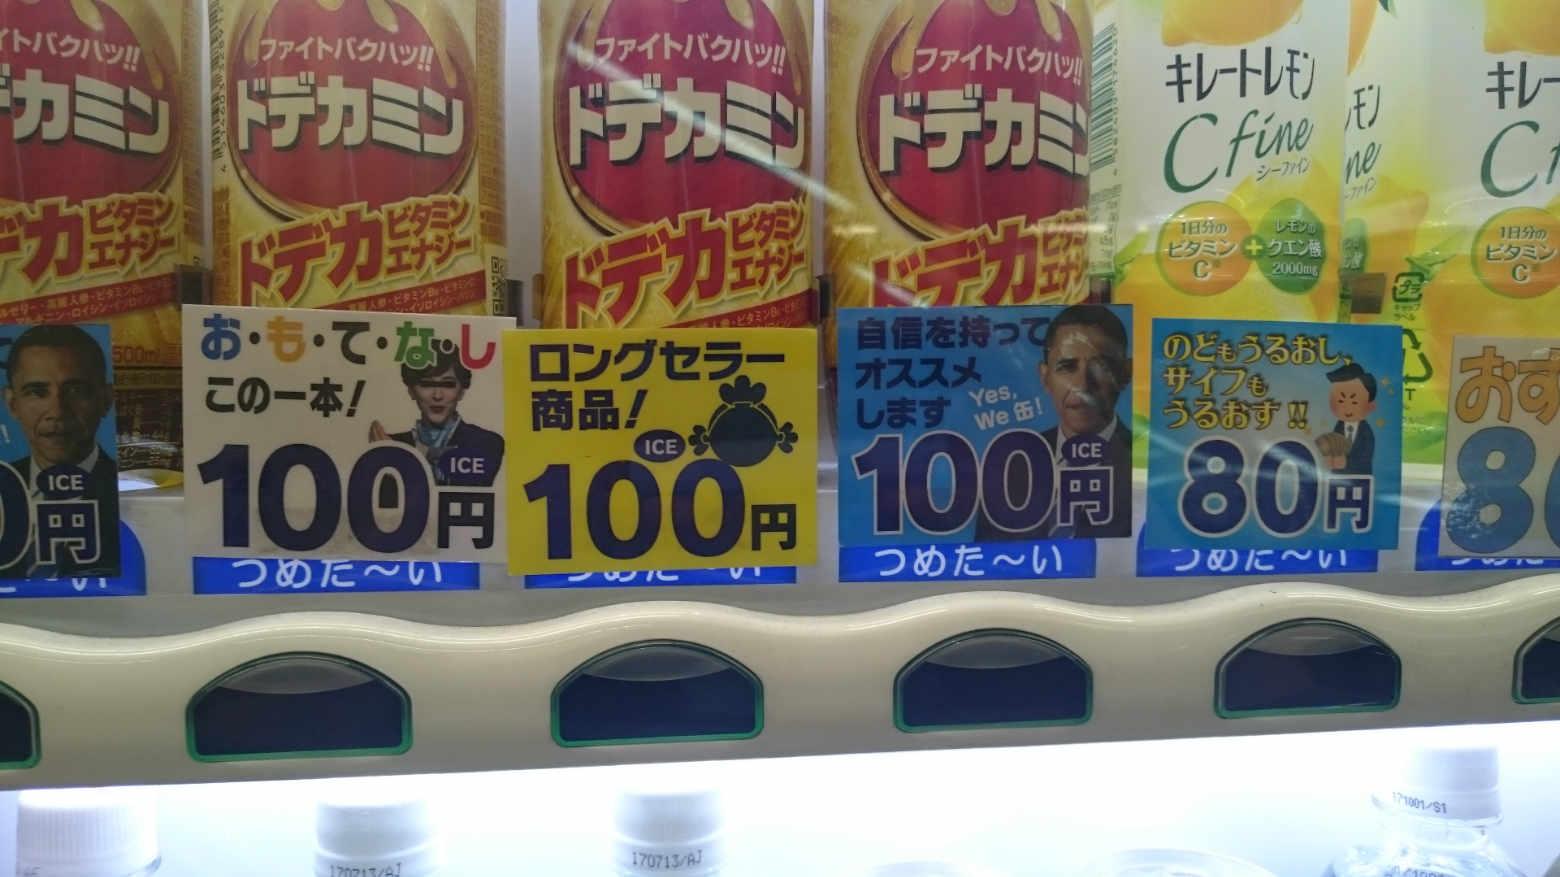 大阪駅ビル地下の自動販売機